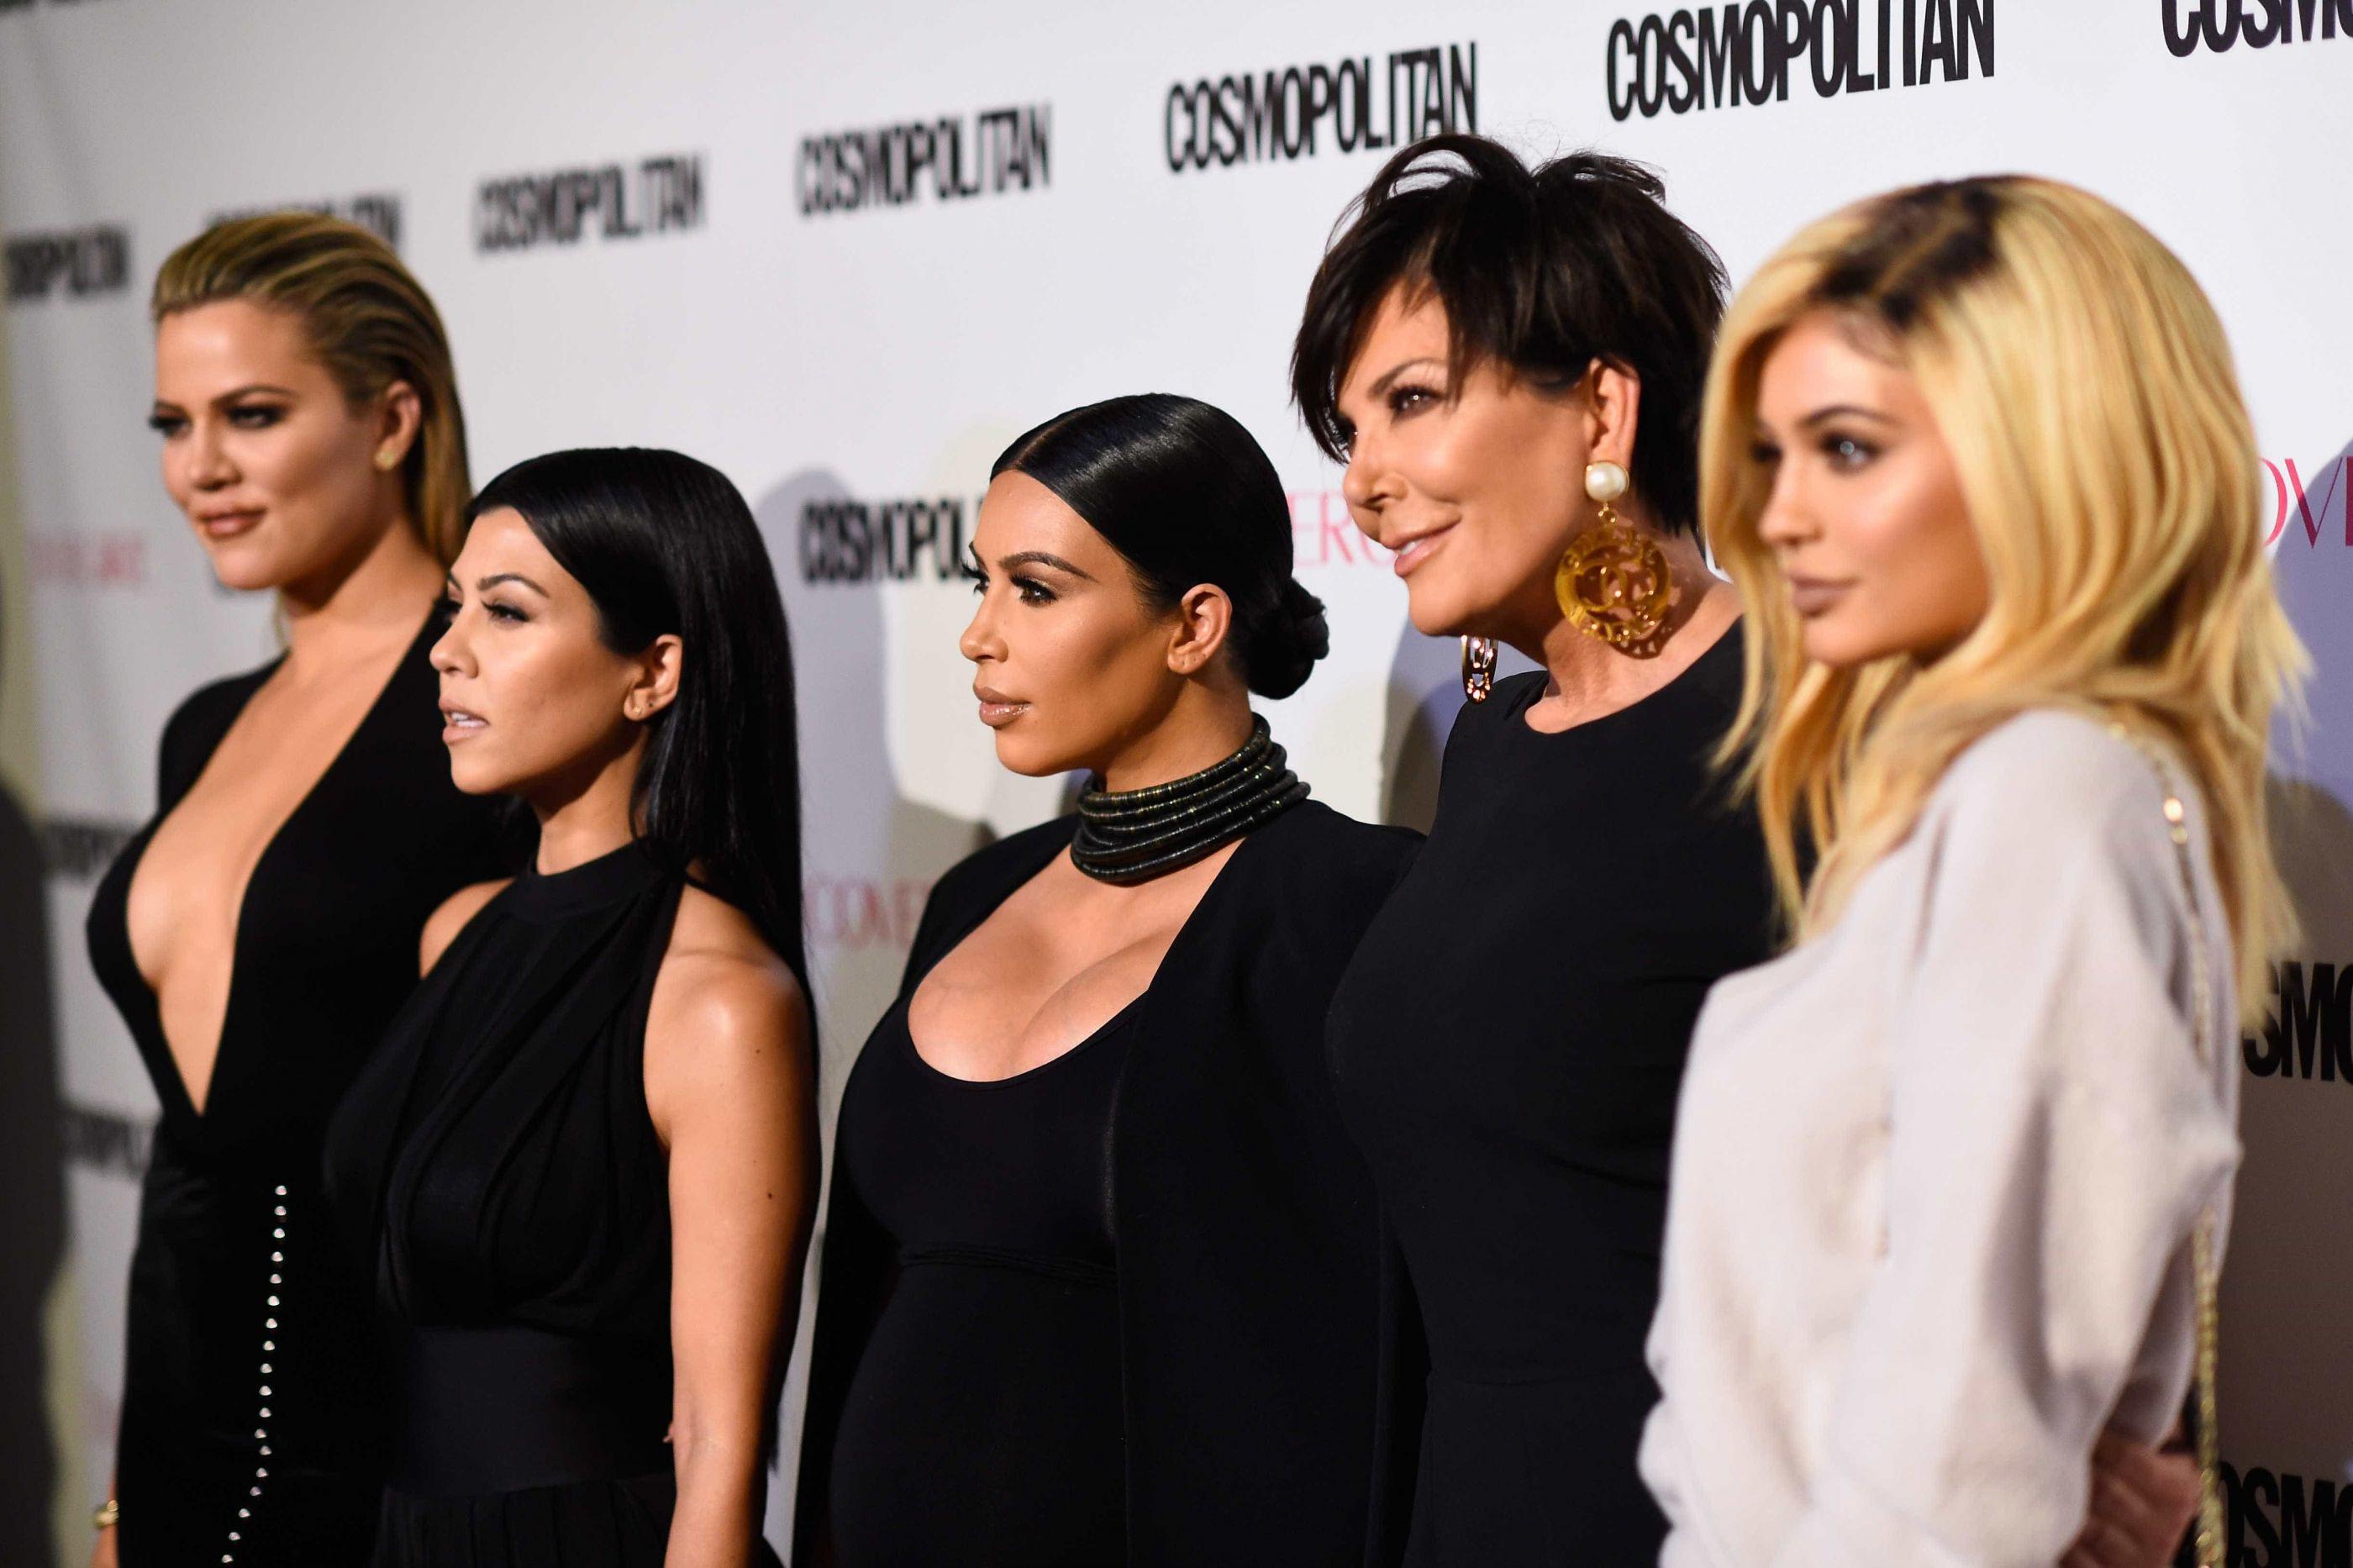 O tratamento que deixou Kim e Kourtney Kardashian quase irreconhecíveis